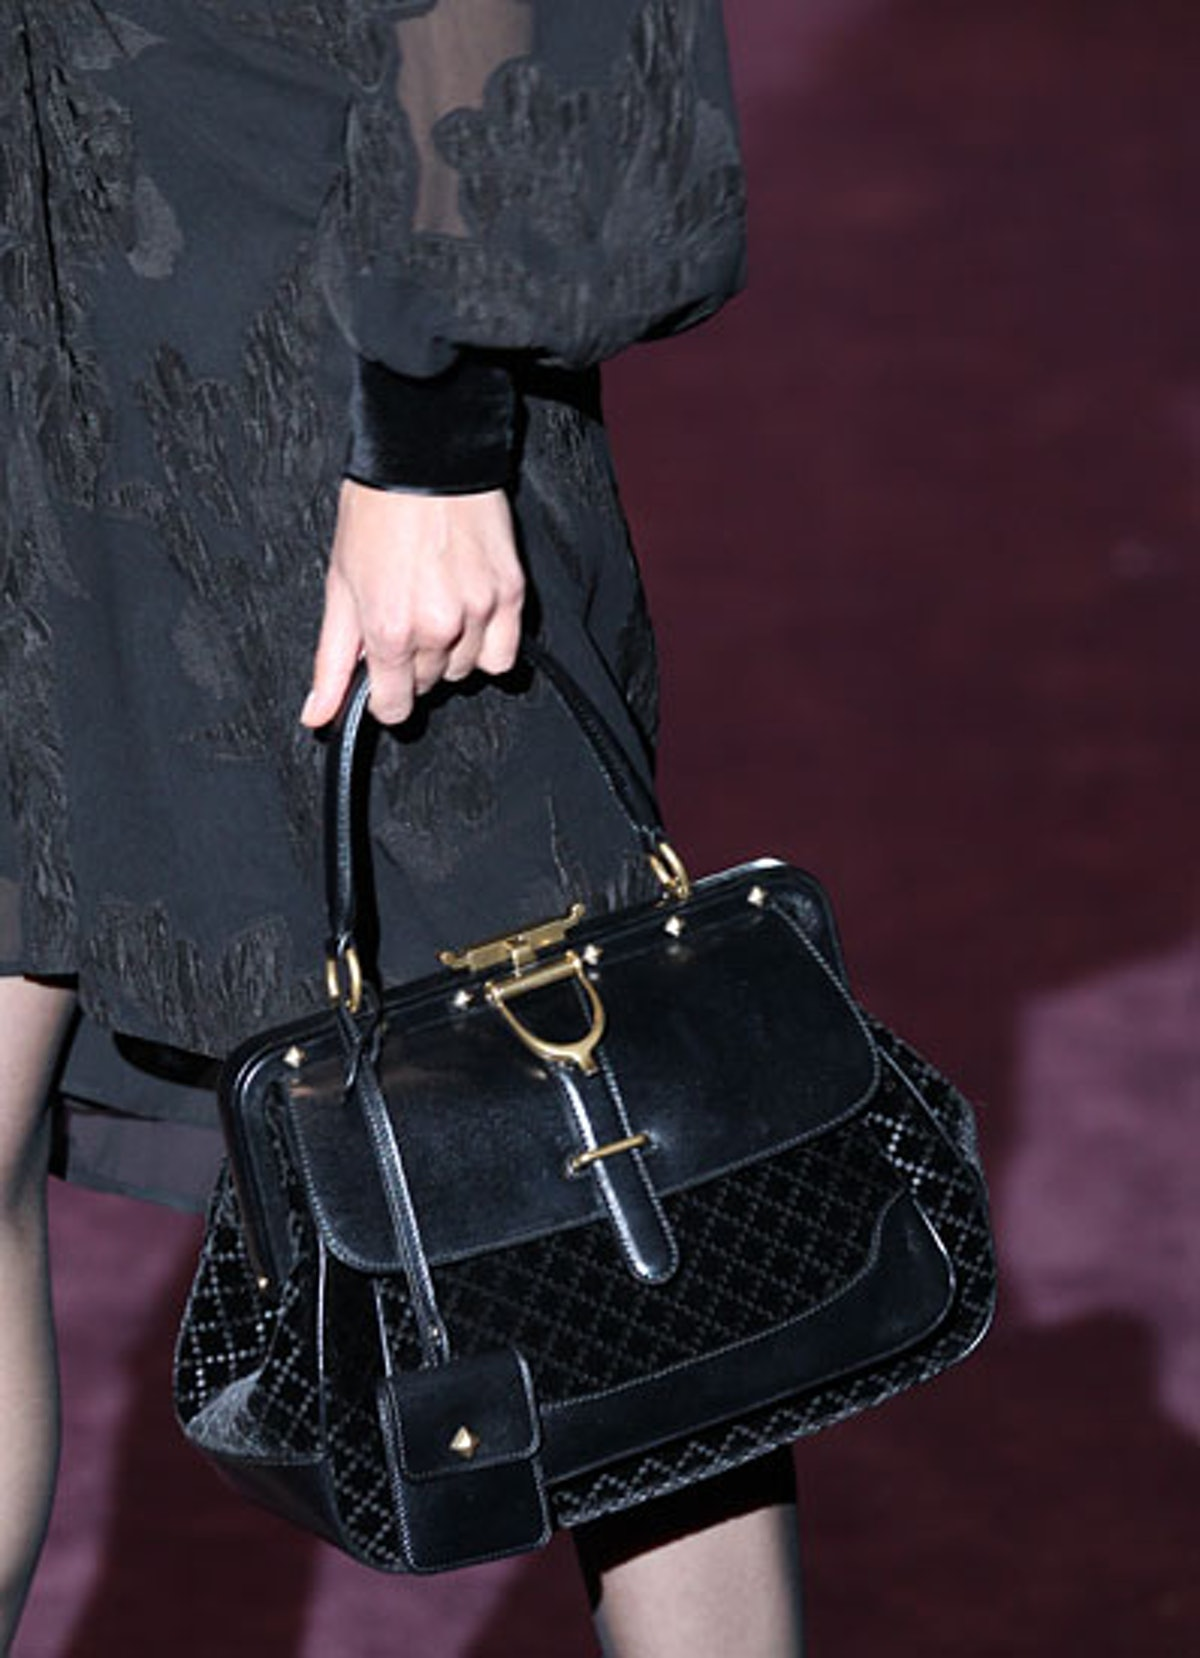 acss-milan-handbags-05-v.jpg